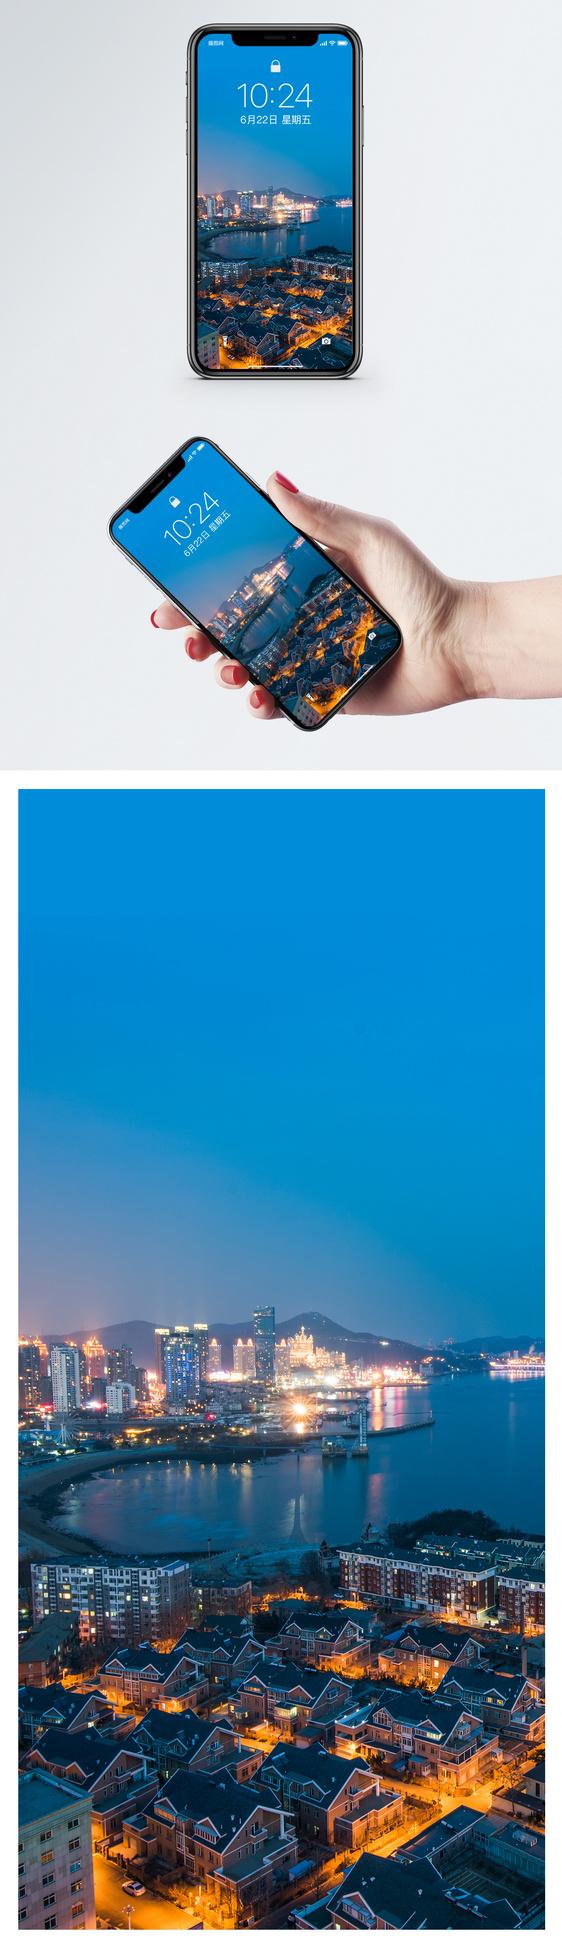 wallpaper ponsel pemandangan malam kota gambar unduh gratis_